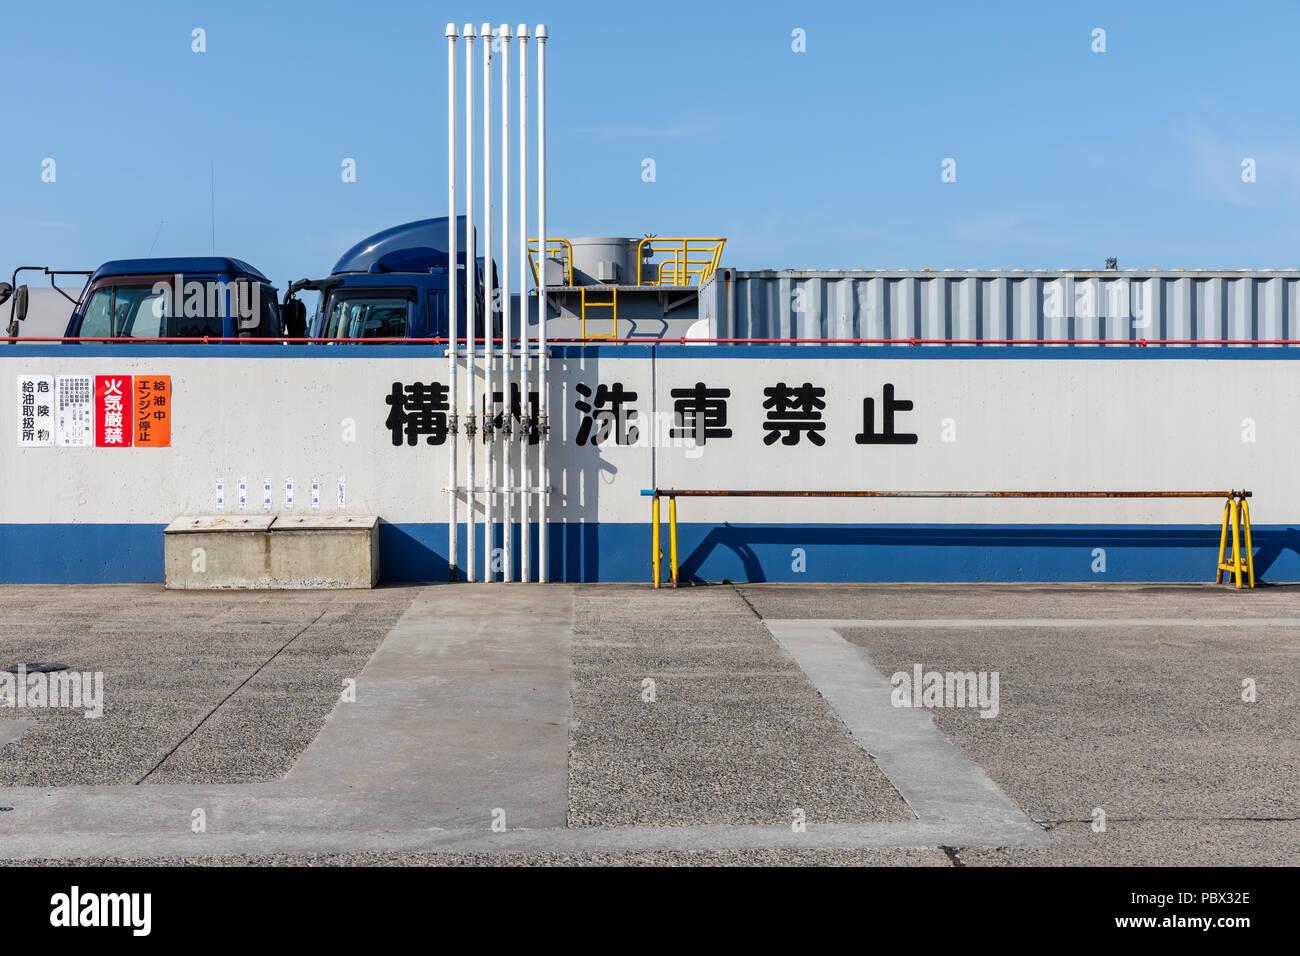 Trucks behind wall with Japanese text; Kawasaki, Kanagawa Prefecture, Japan - Stock Image